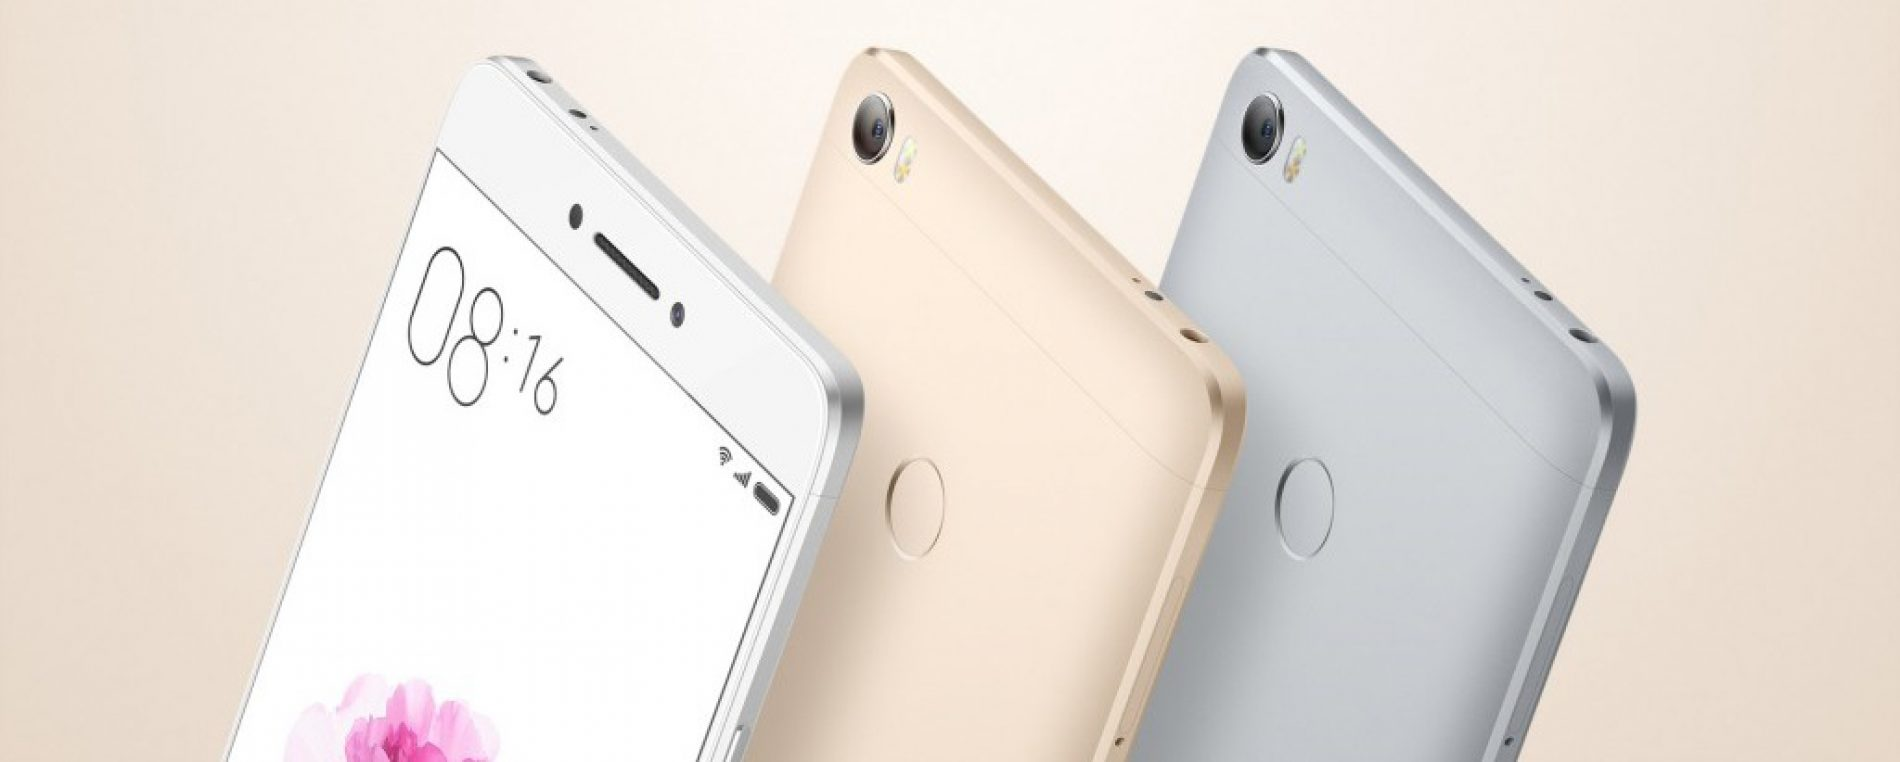 Купить Xiaomi Mi Max в Москве. Цена Xiaomi Mi Max с глобальной прошивкой в России. Обзор Xiaomi Mi Max.